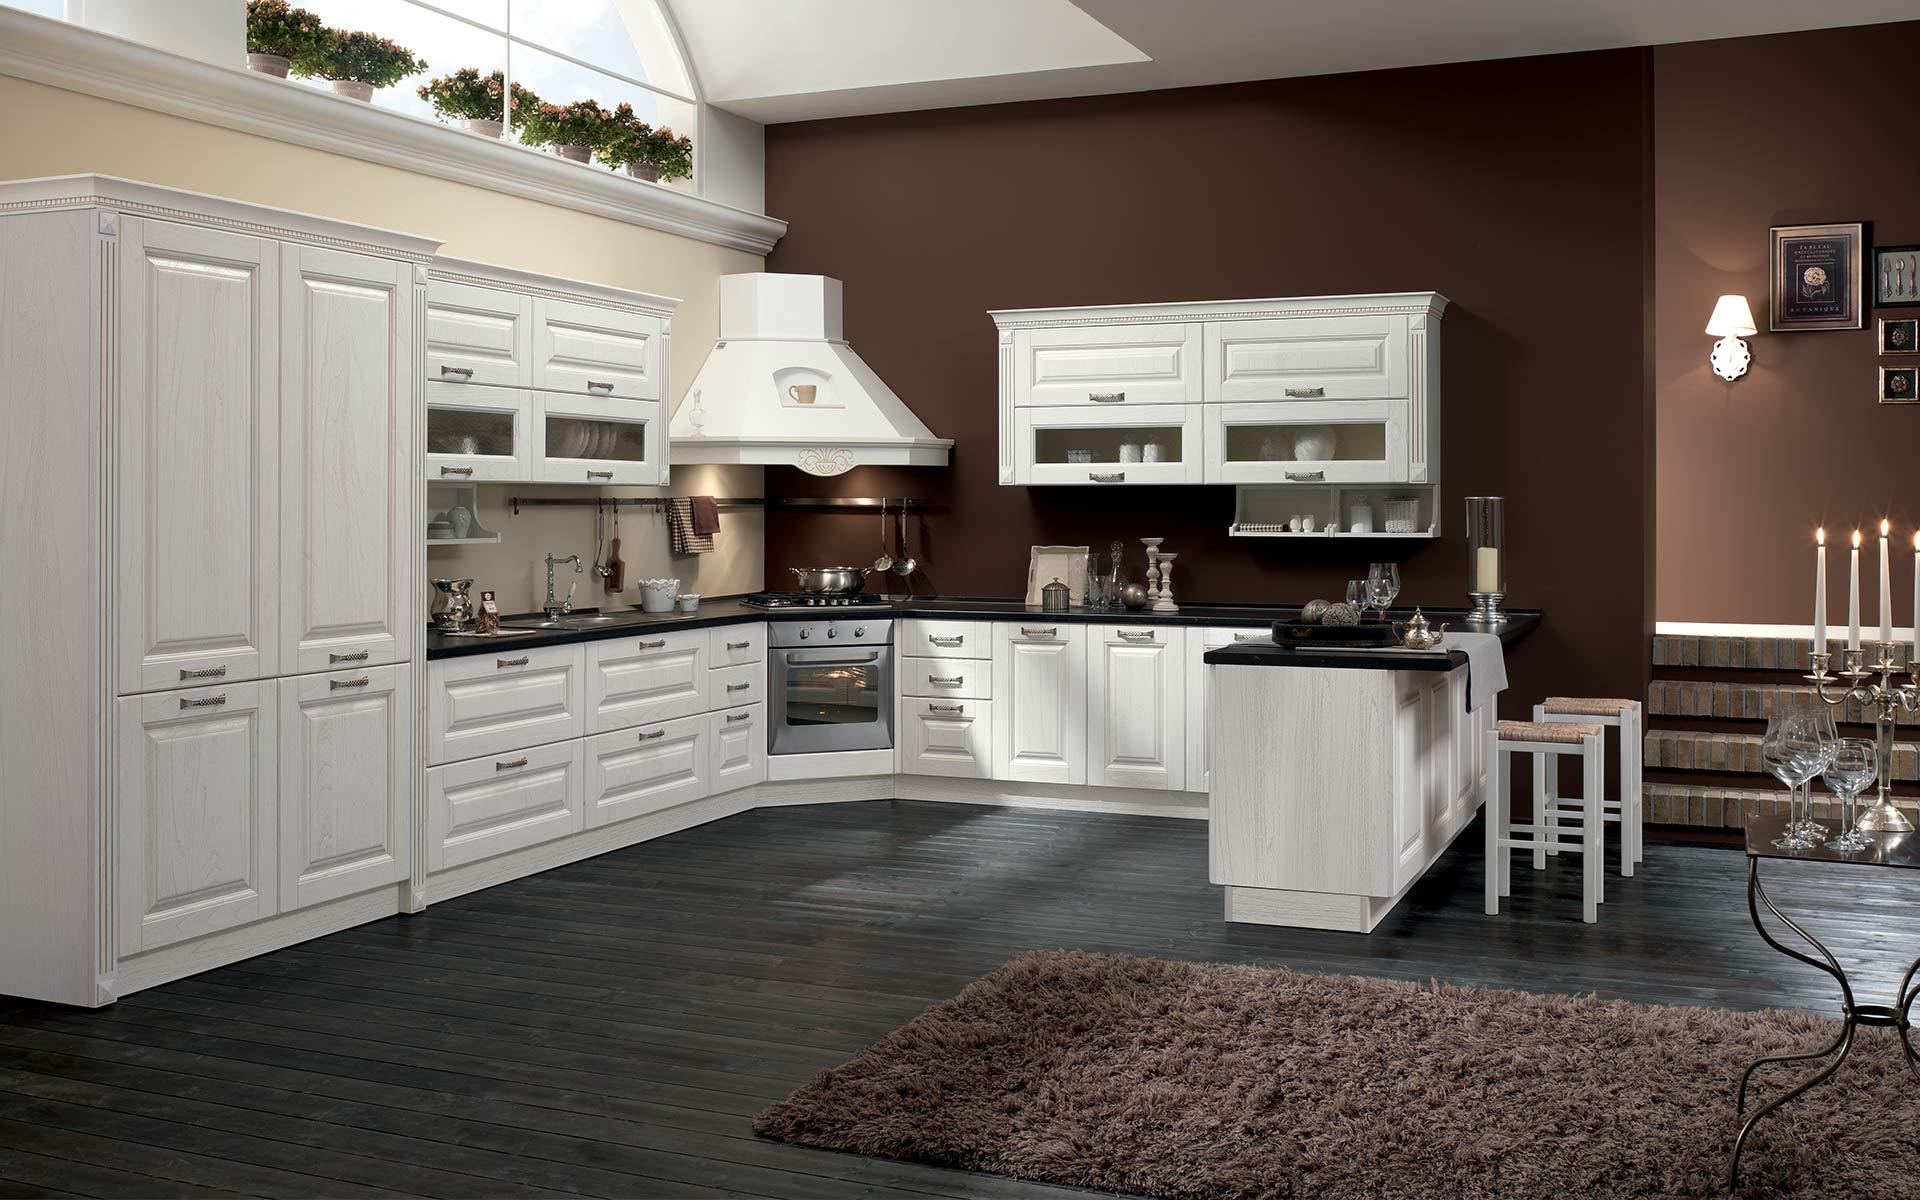 Cucine Componibili In Kit Di Montaggio Prezzo. Trendy Stosa Cucine ...